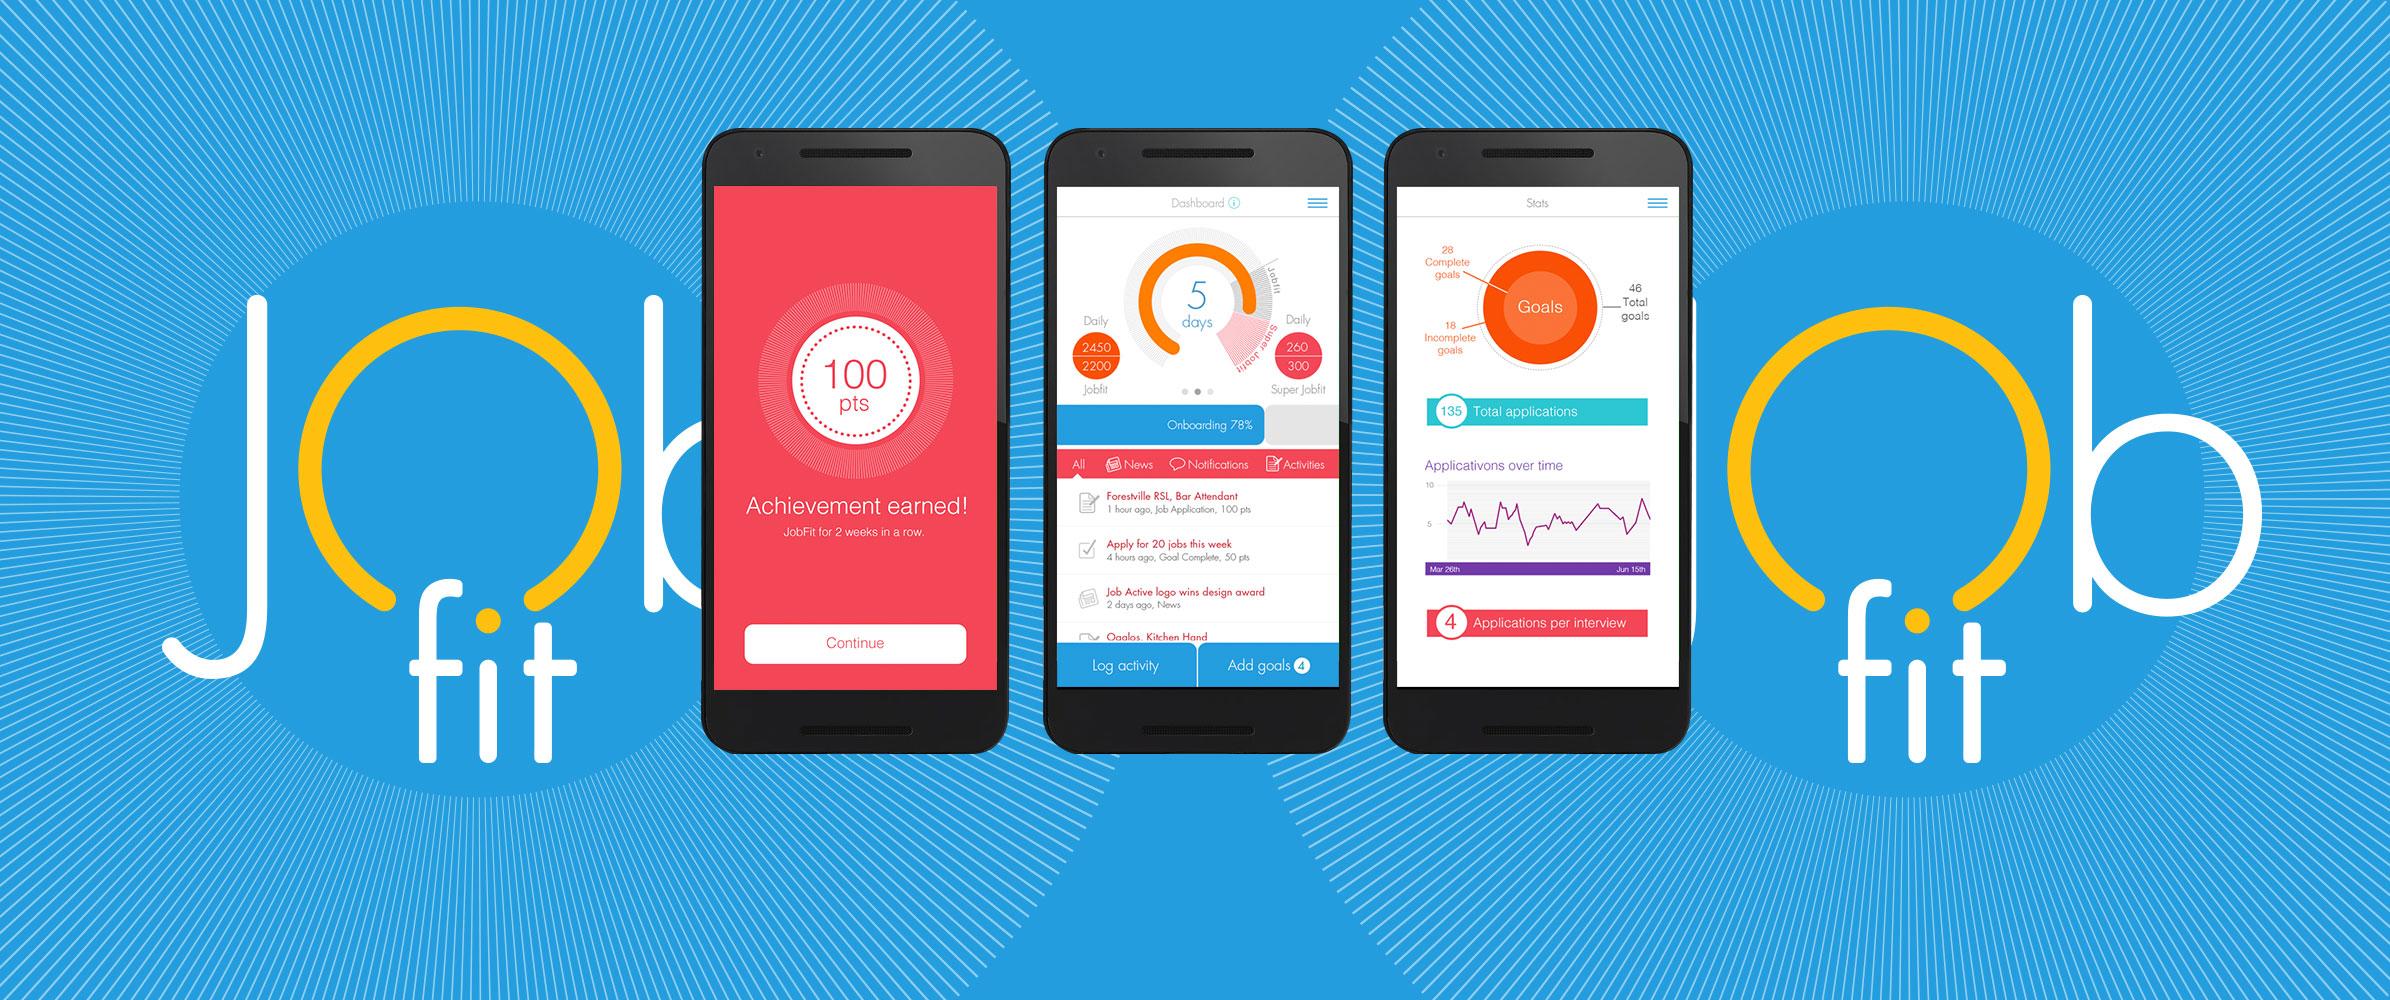 The Jobfit App